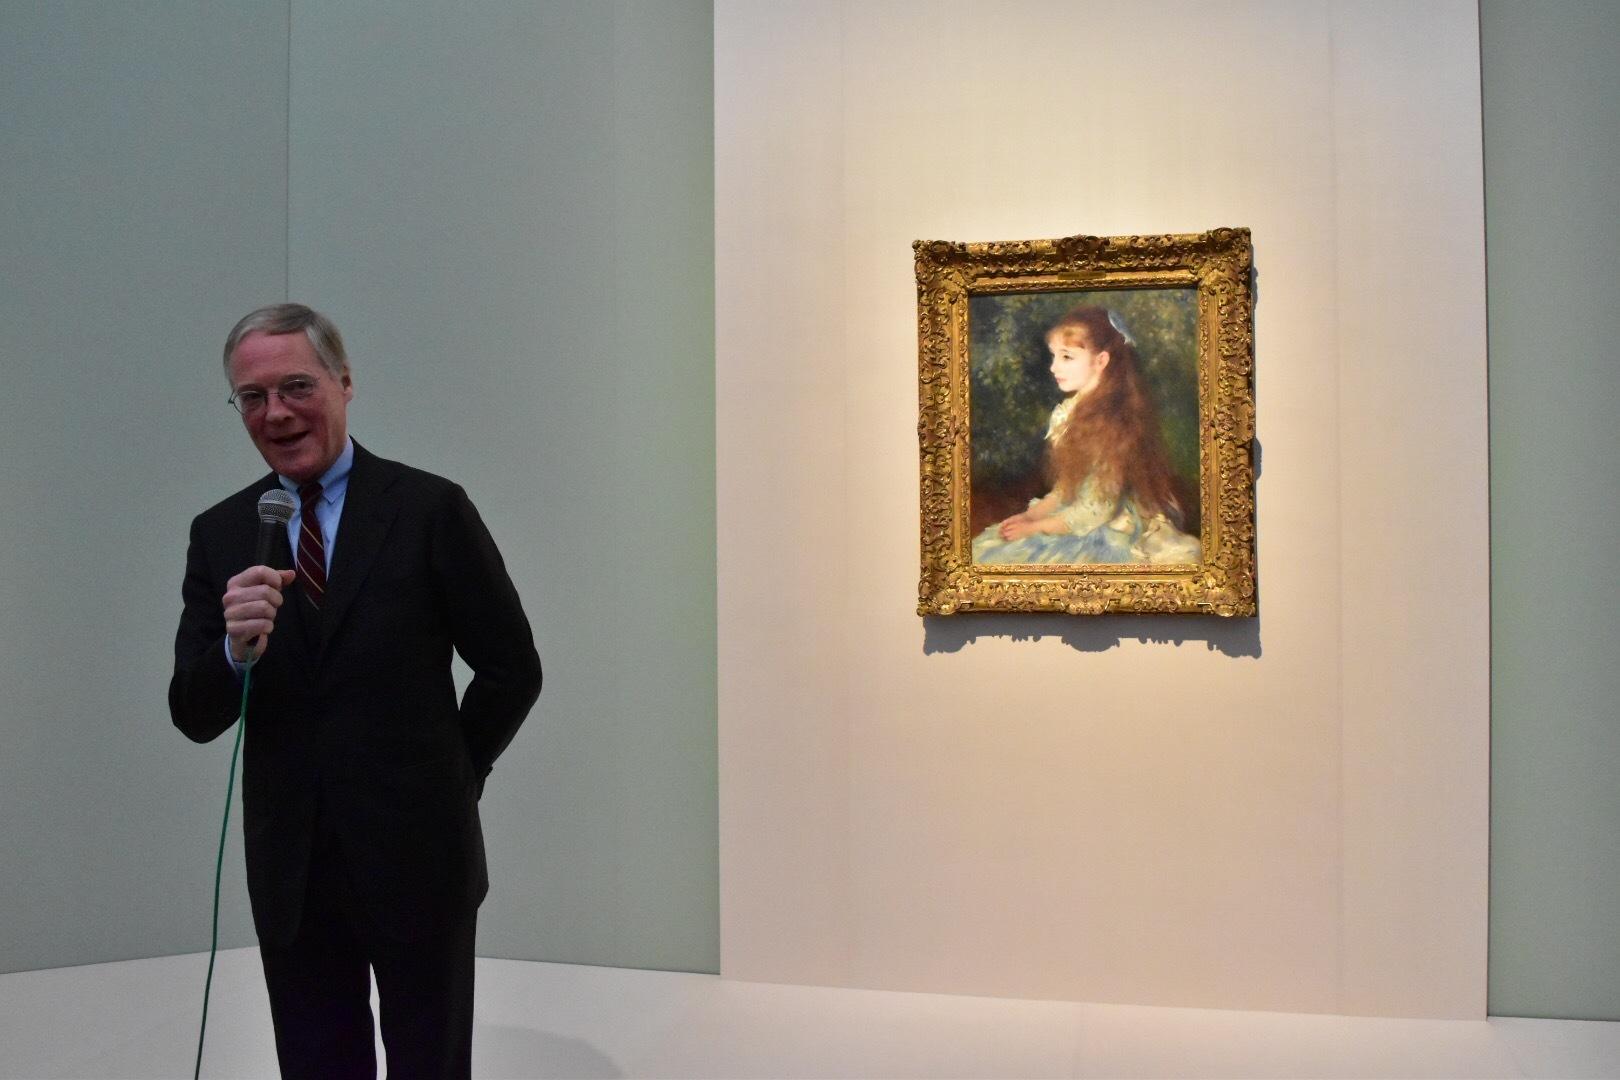 ピエール=オーギュスト・ルノワールの画像 p1_21